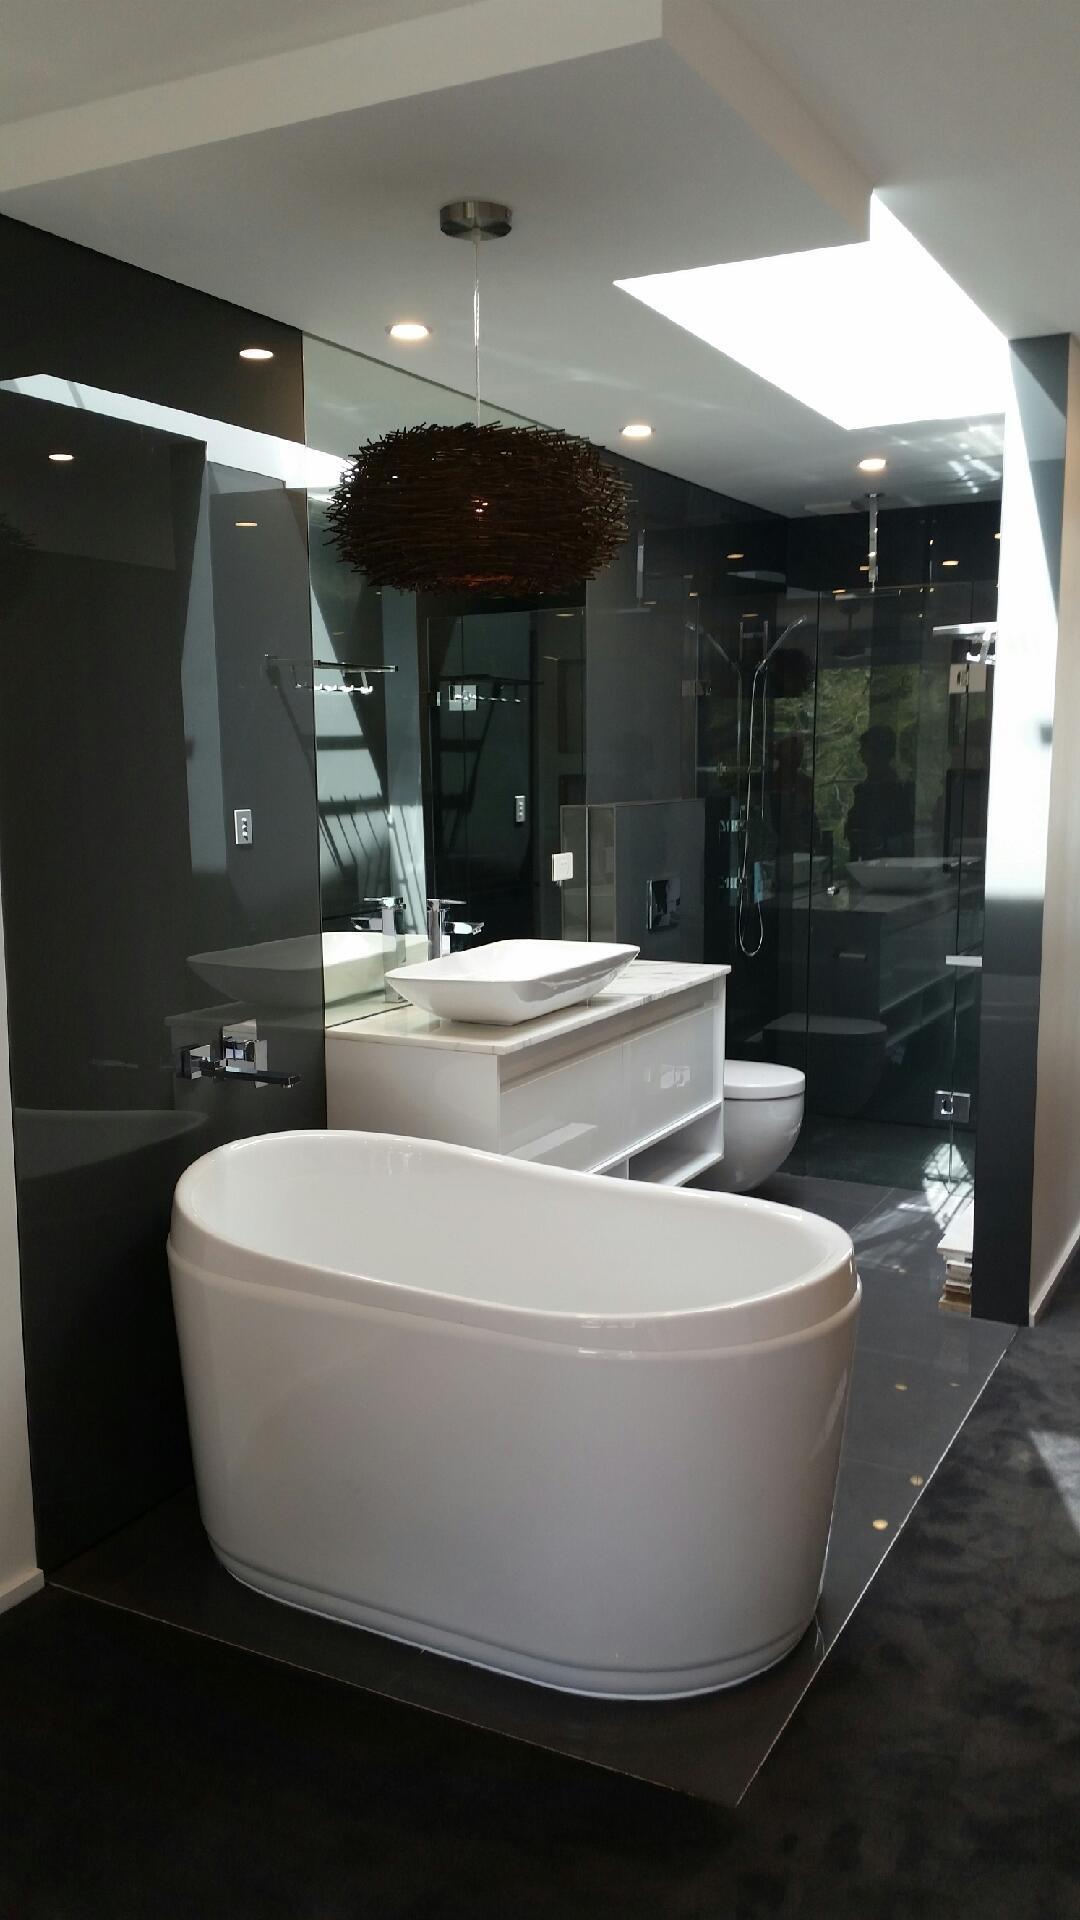 Full glass bathroom